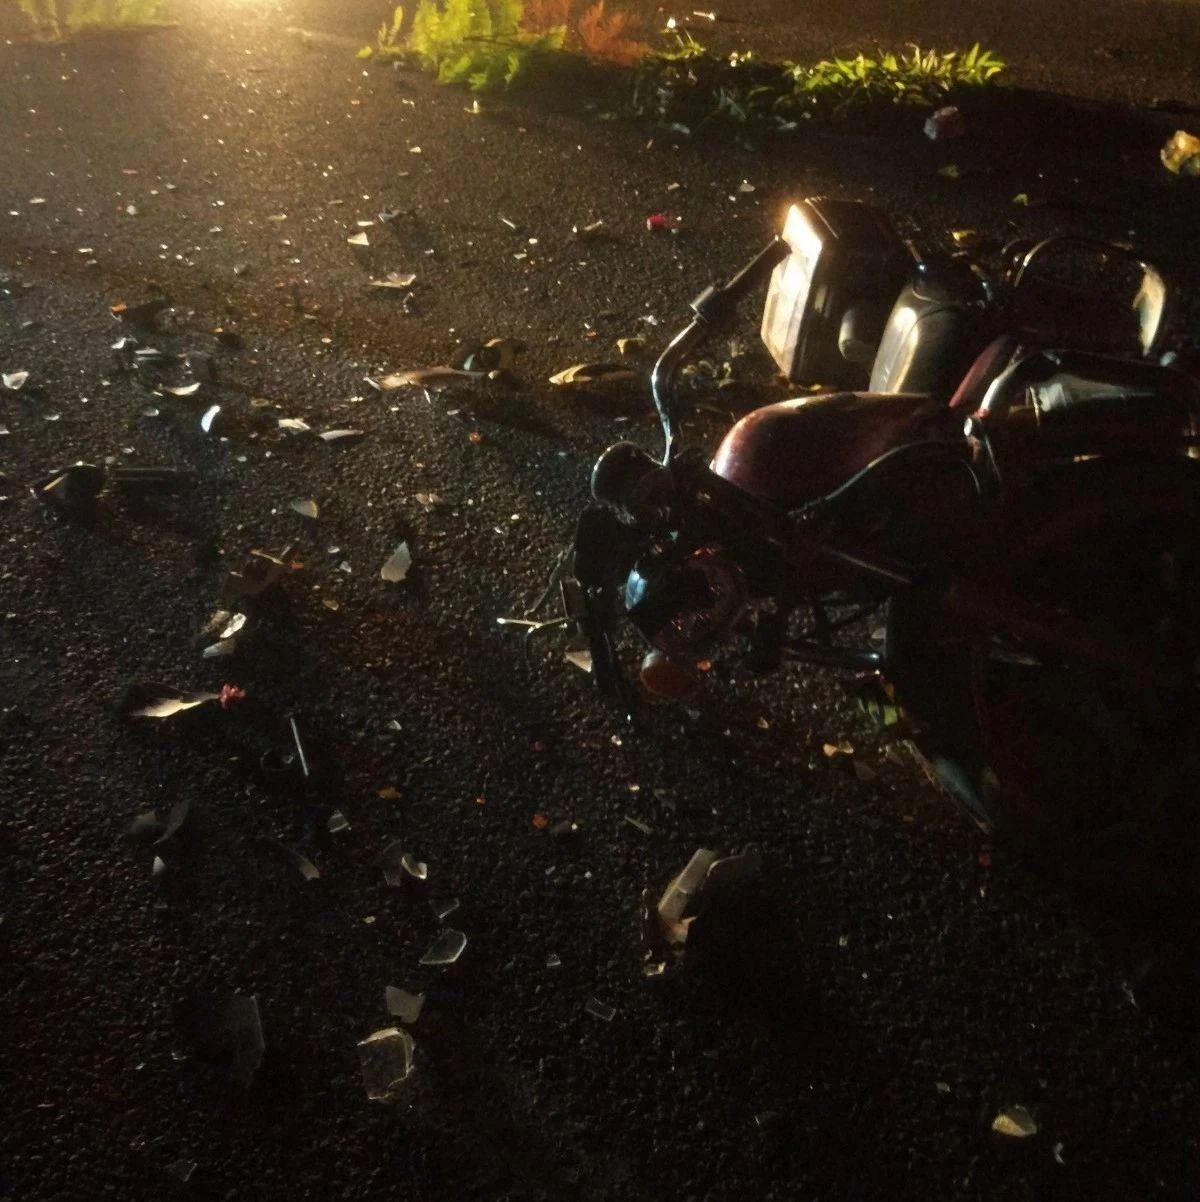 简讯两则|昨晚京棉公路上发生一起交通事故......